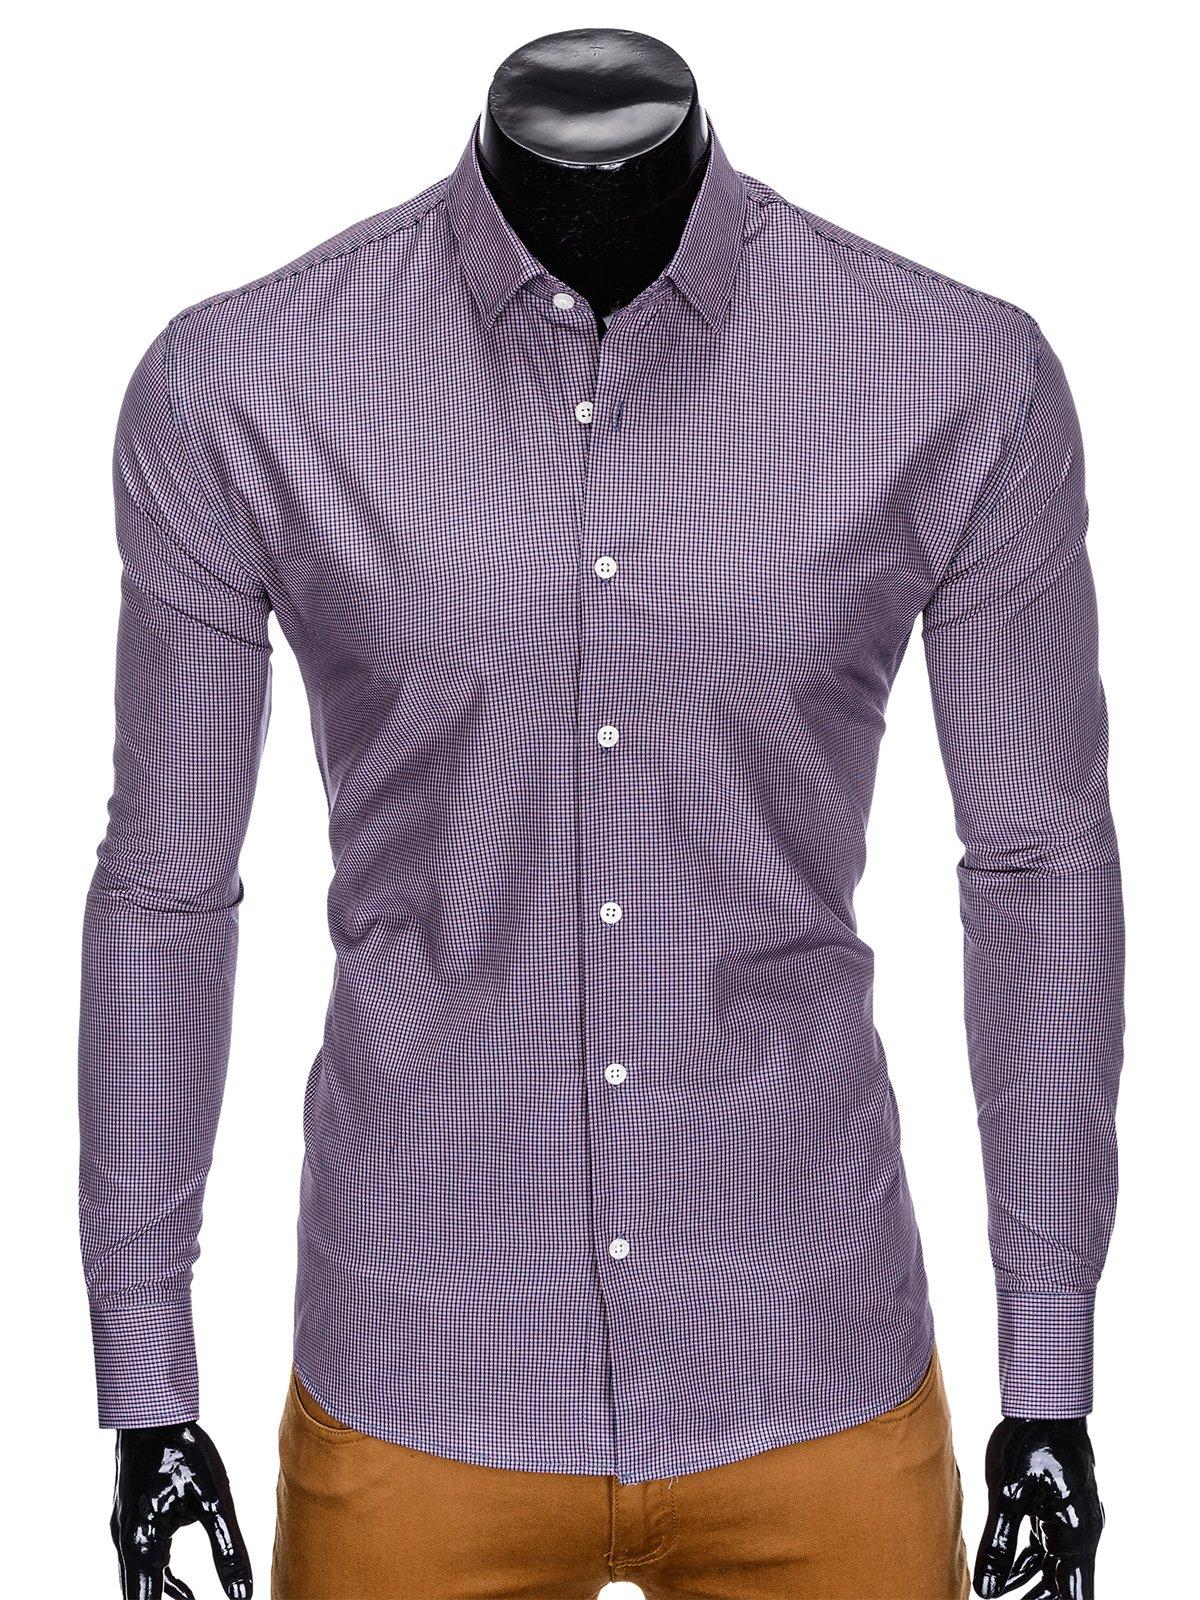 Prosty i elegancki koszule Koszula W Kratę Fioletowy Koszule